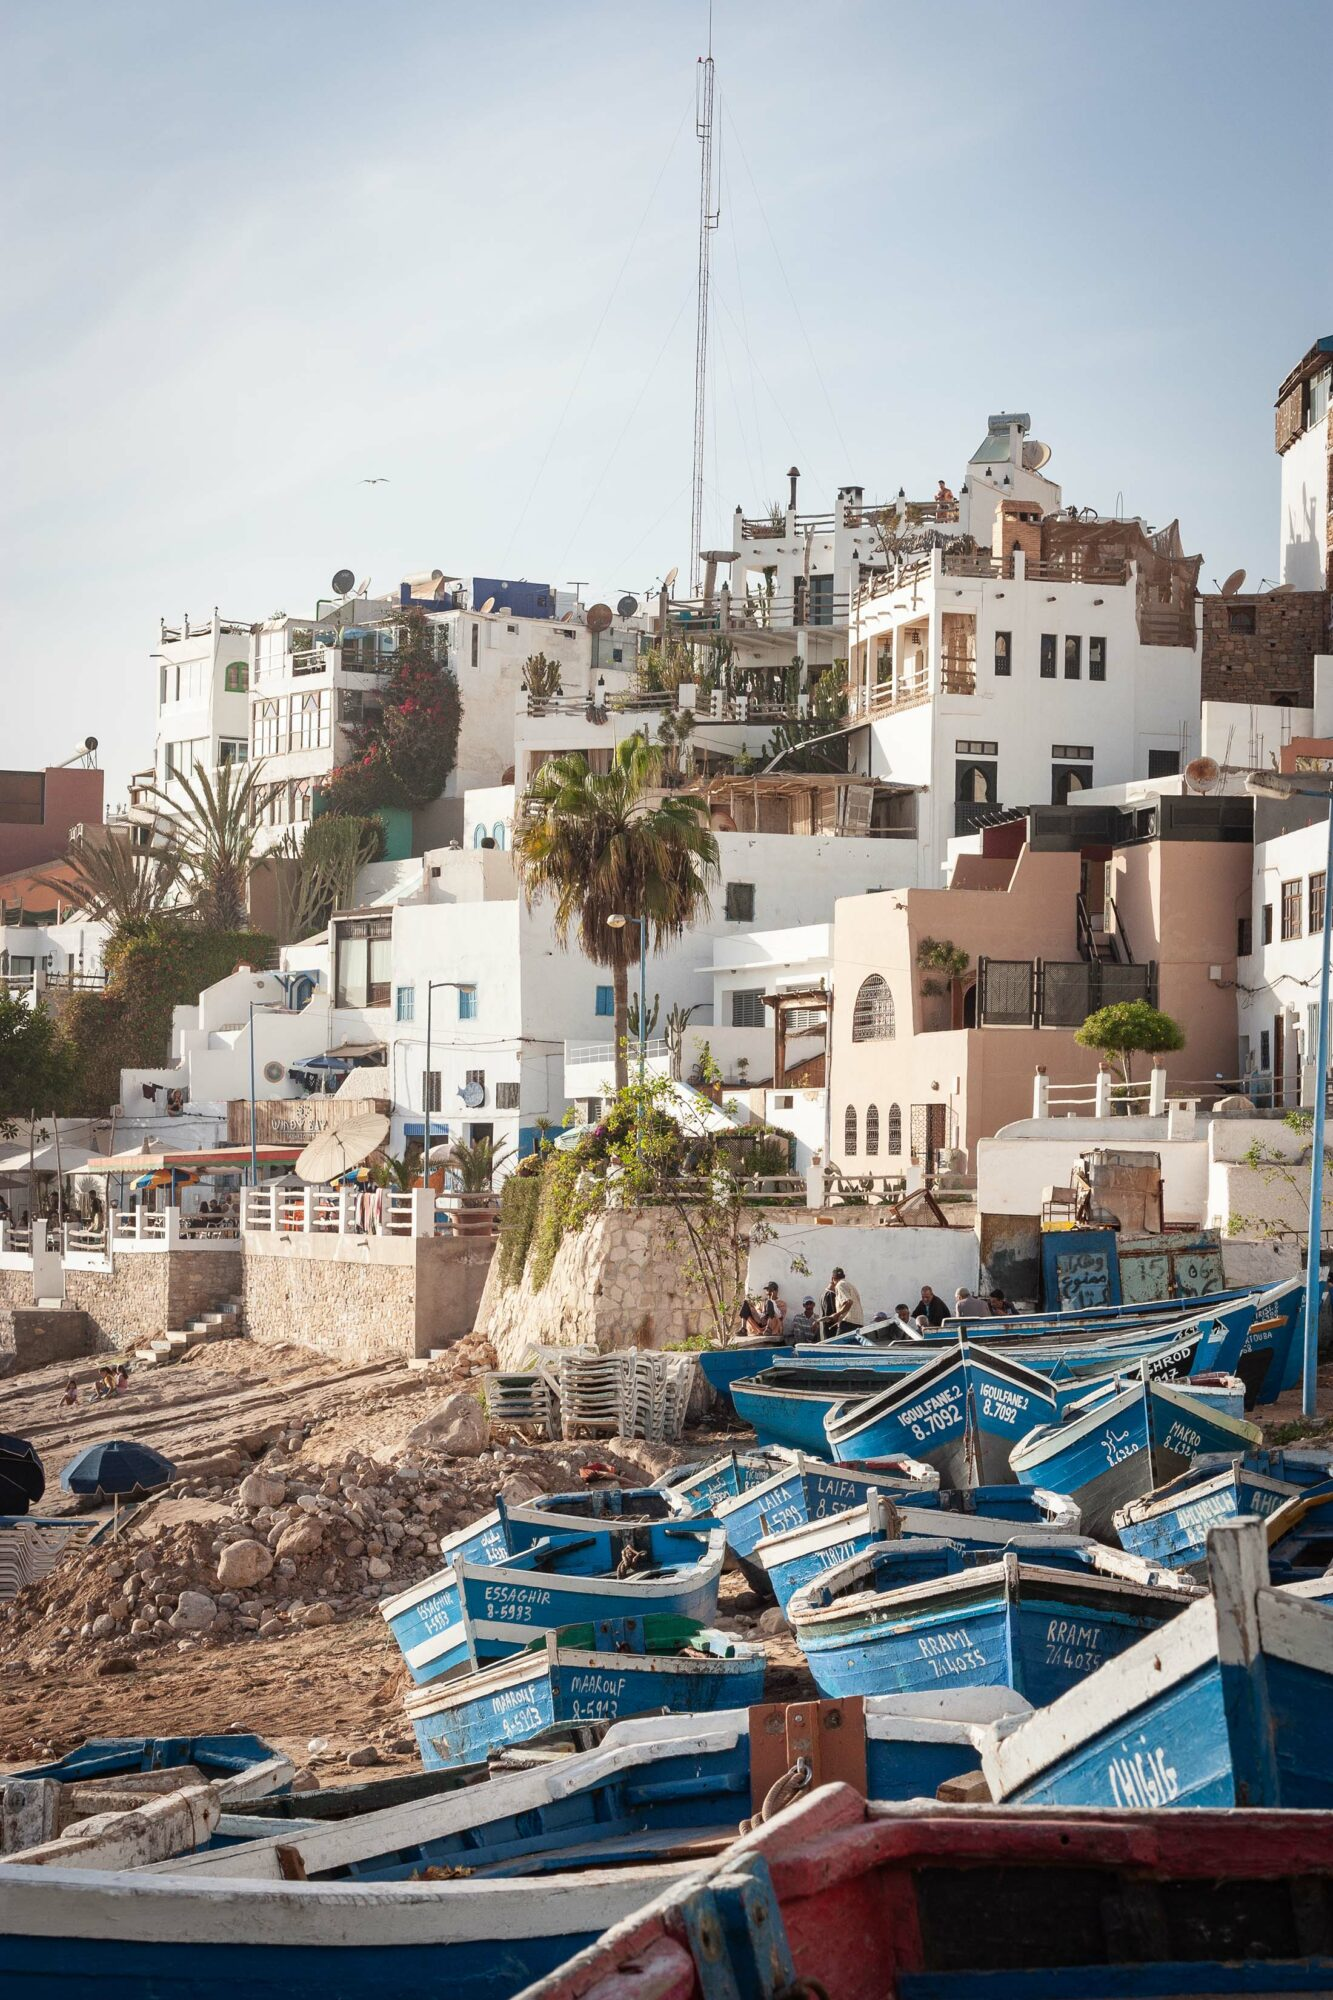 Fotoreis Marokko – Taghazout & Paradise Valley